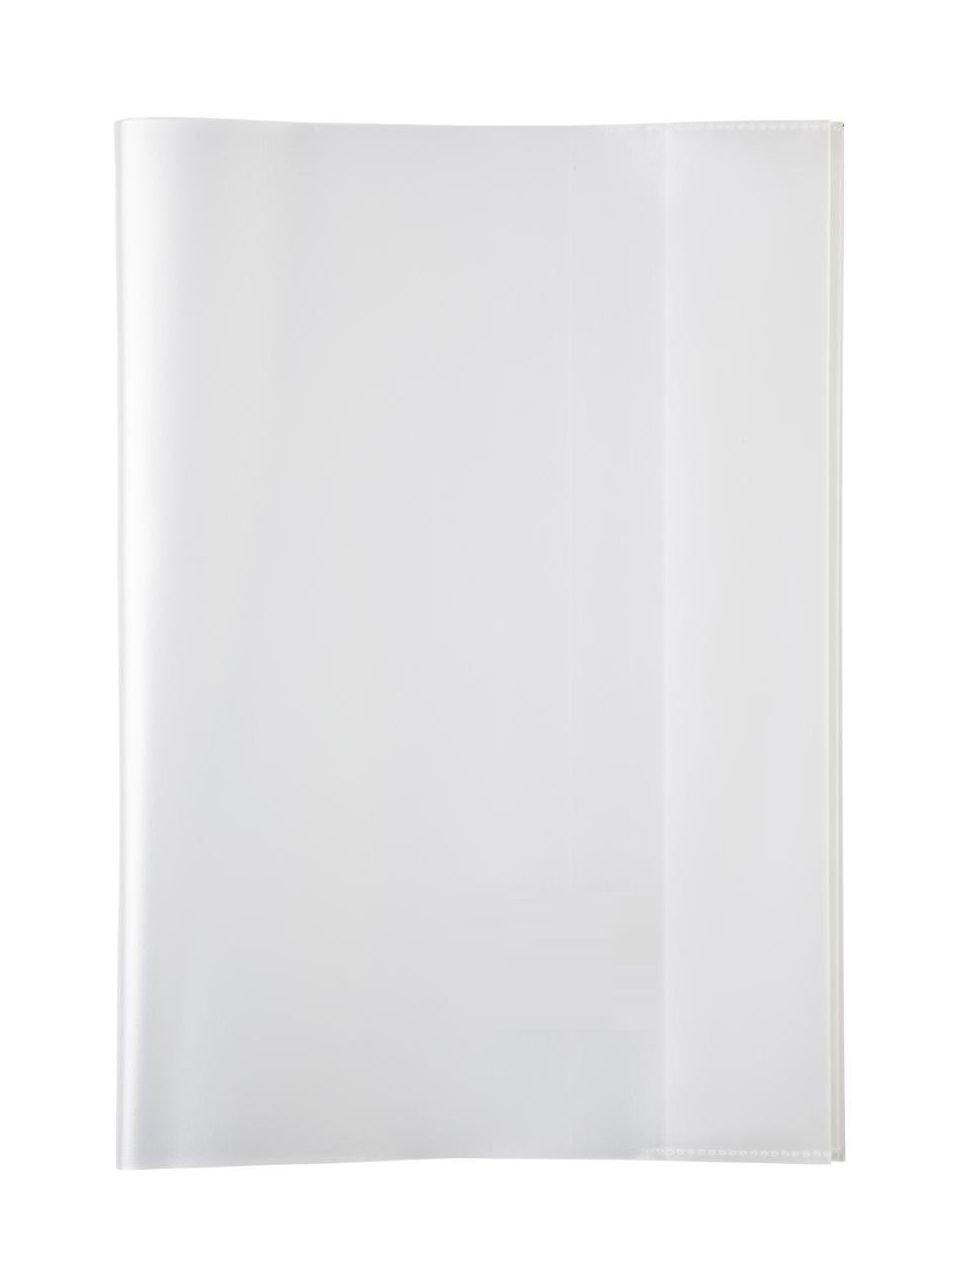 LANDRE 100420077 Heft-Hüllen 25 Stück DIN A4 grün-transparent, Heft-Umschlag flexibel & abwischbar, Buch-Schoner mit Einband, Schutz-Hülle für Arbeits- & Schulhefte Hamelin GmbH